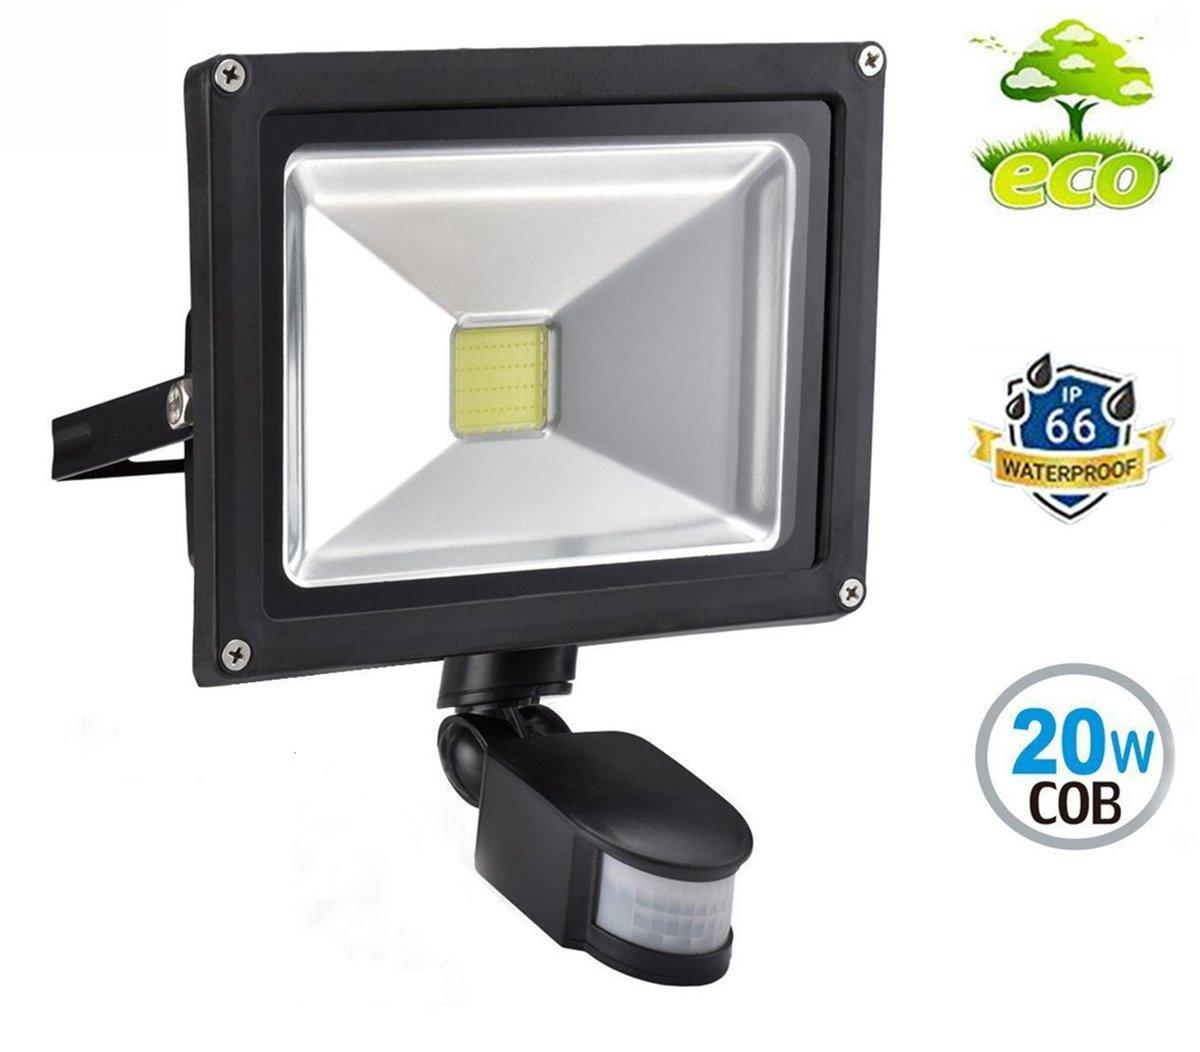 LED Strahler mit Bewegungsmelder Außen 20W Fluter 3000K Warmweiß Außenleuchte IP65 Wasserdicht Scheinwerfer für Garten, Garage, Hotel (Mit keinem Stecker) W-LITE